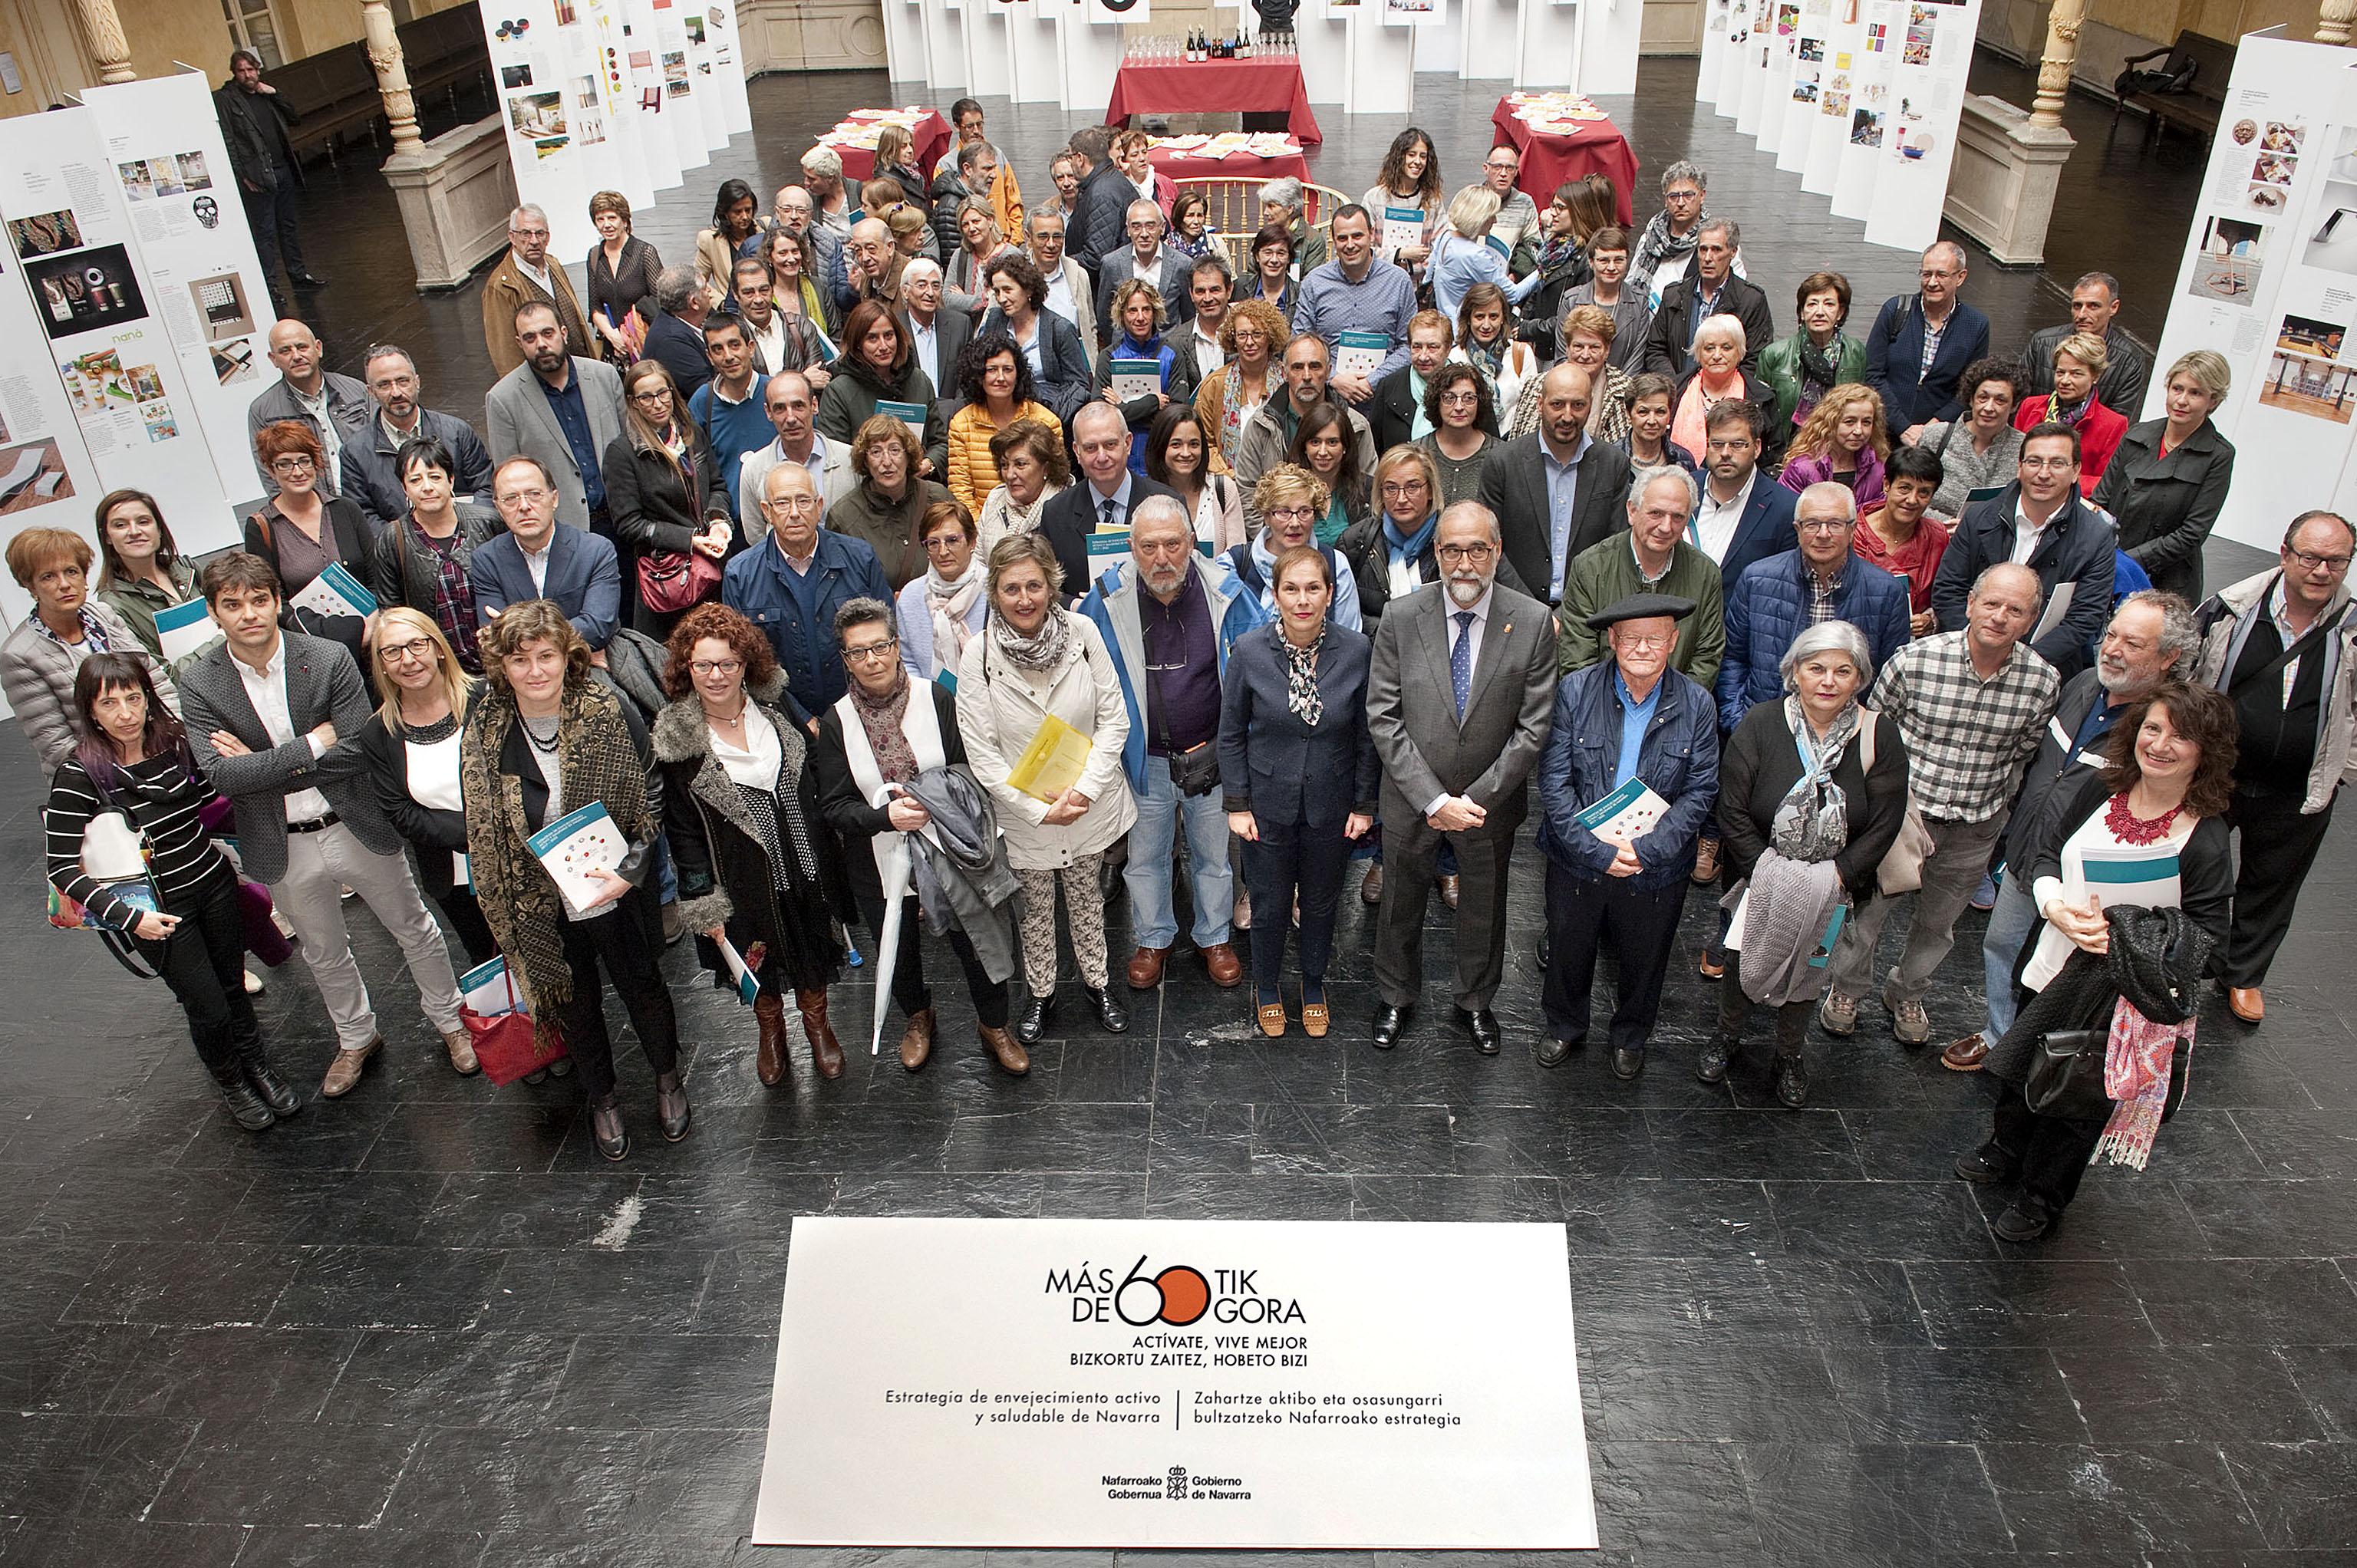 Foto de todos los integrantes del evento: Gobierno de Navarra apuesta por un envejecimiento activo y saludable